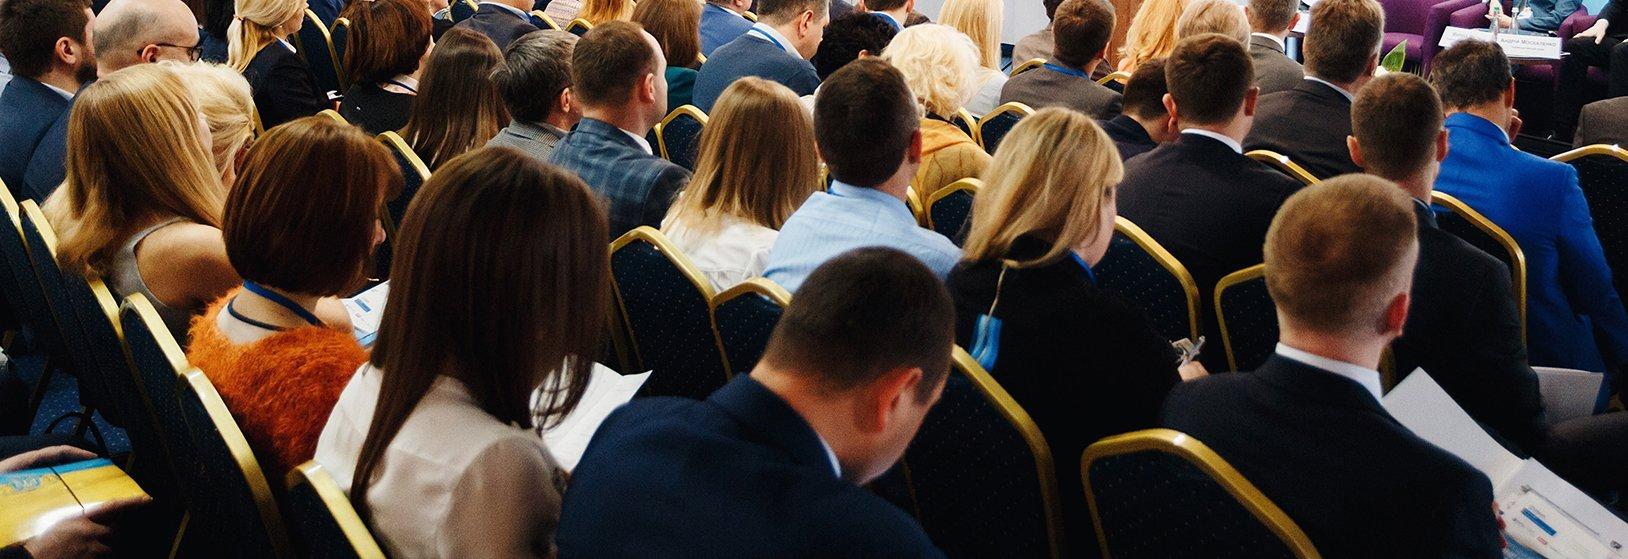 Региональная научно-практическая конференция в Северо-Кавказском федеральном округе